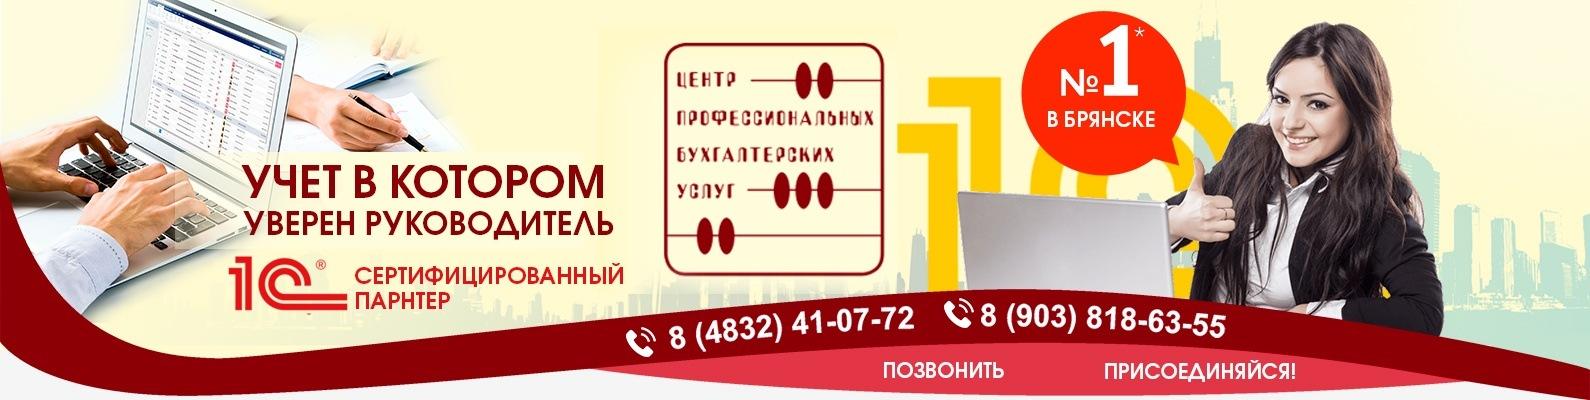 Брянск центр профессиональных бухгалтерских услуг брянск работа бухгалтер на услуги